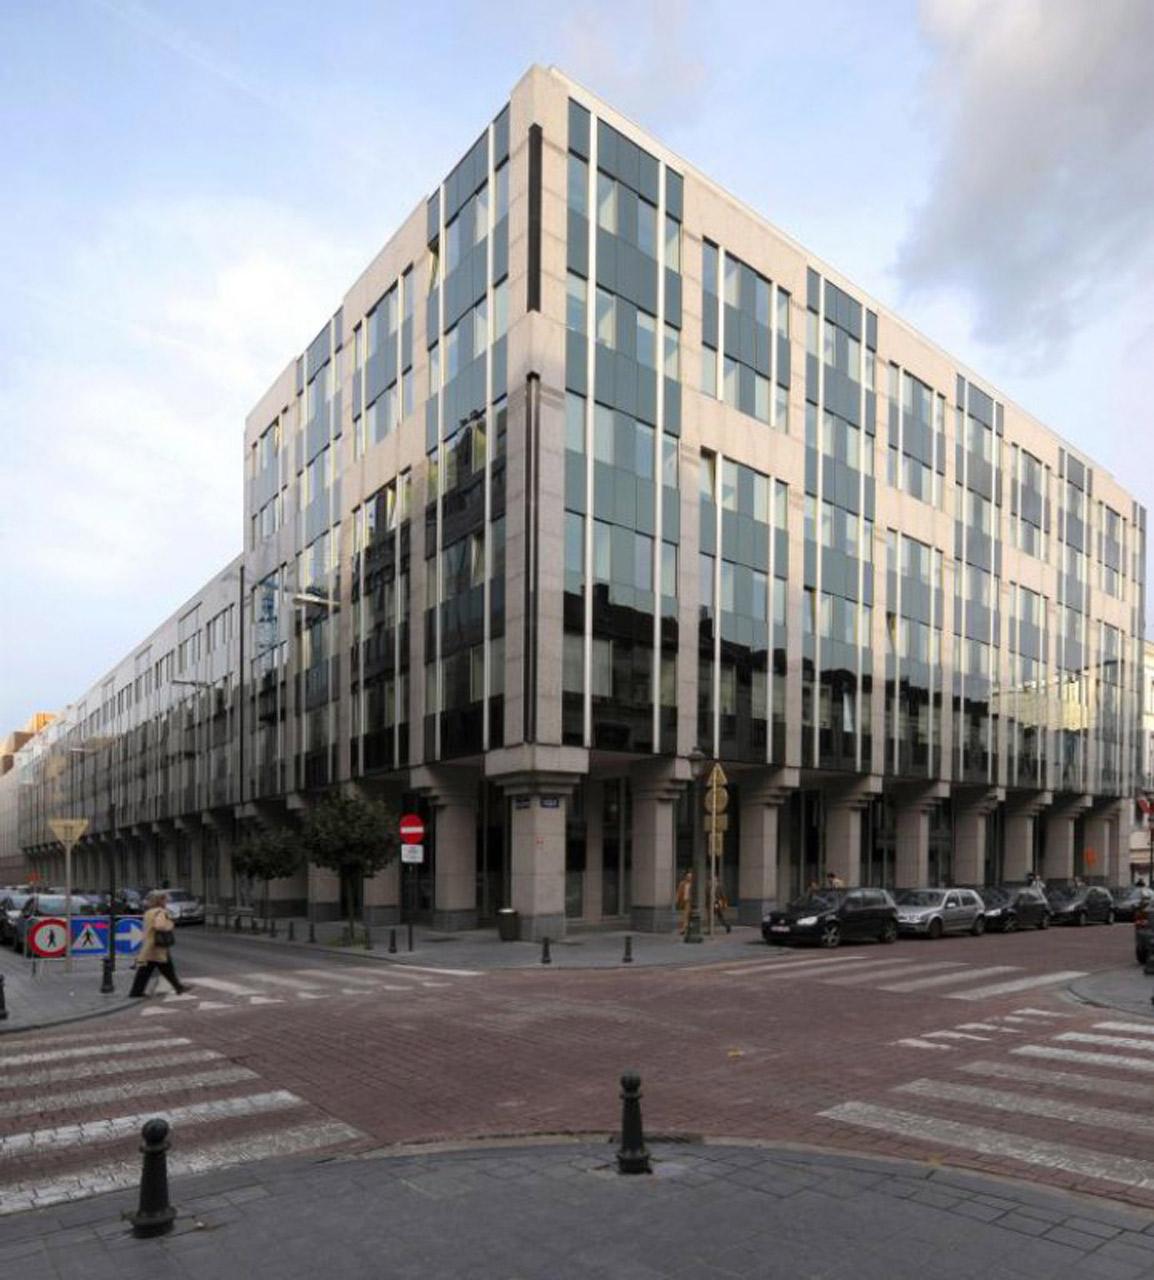 ATENOR Projet Luxbourg Bruxelles Vue Depuis Carrefour